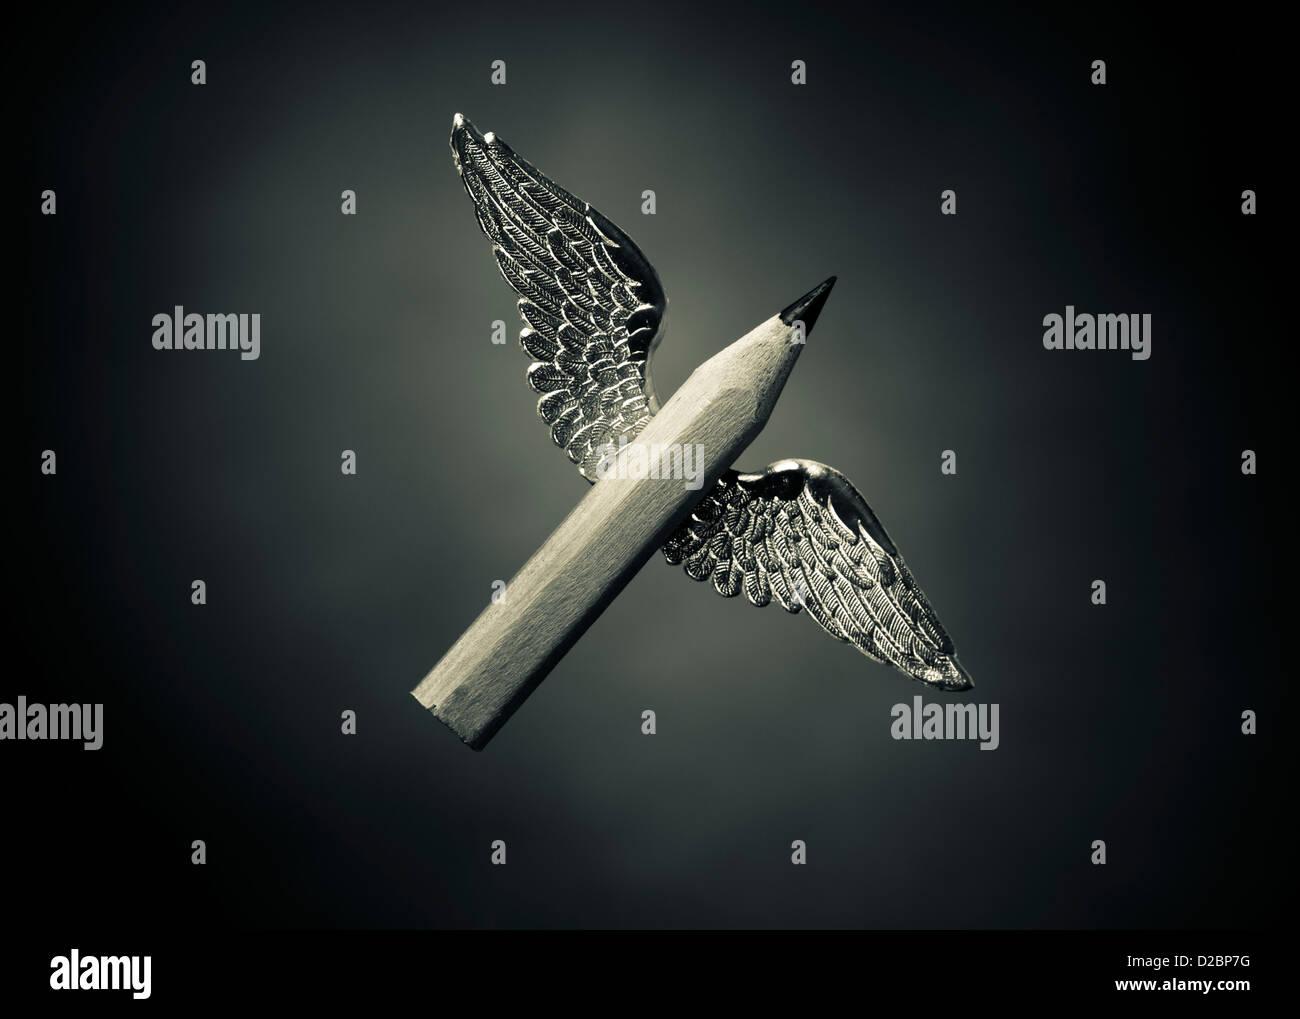 Mots ailés - Concept de l'écriture créative. Un crayon court avec des ailes. Photo Stock